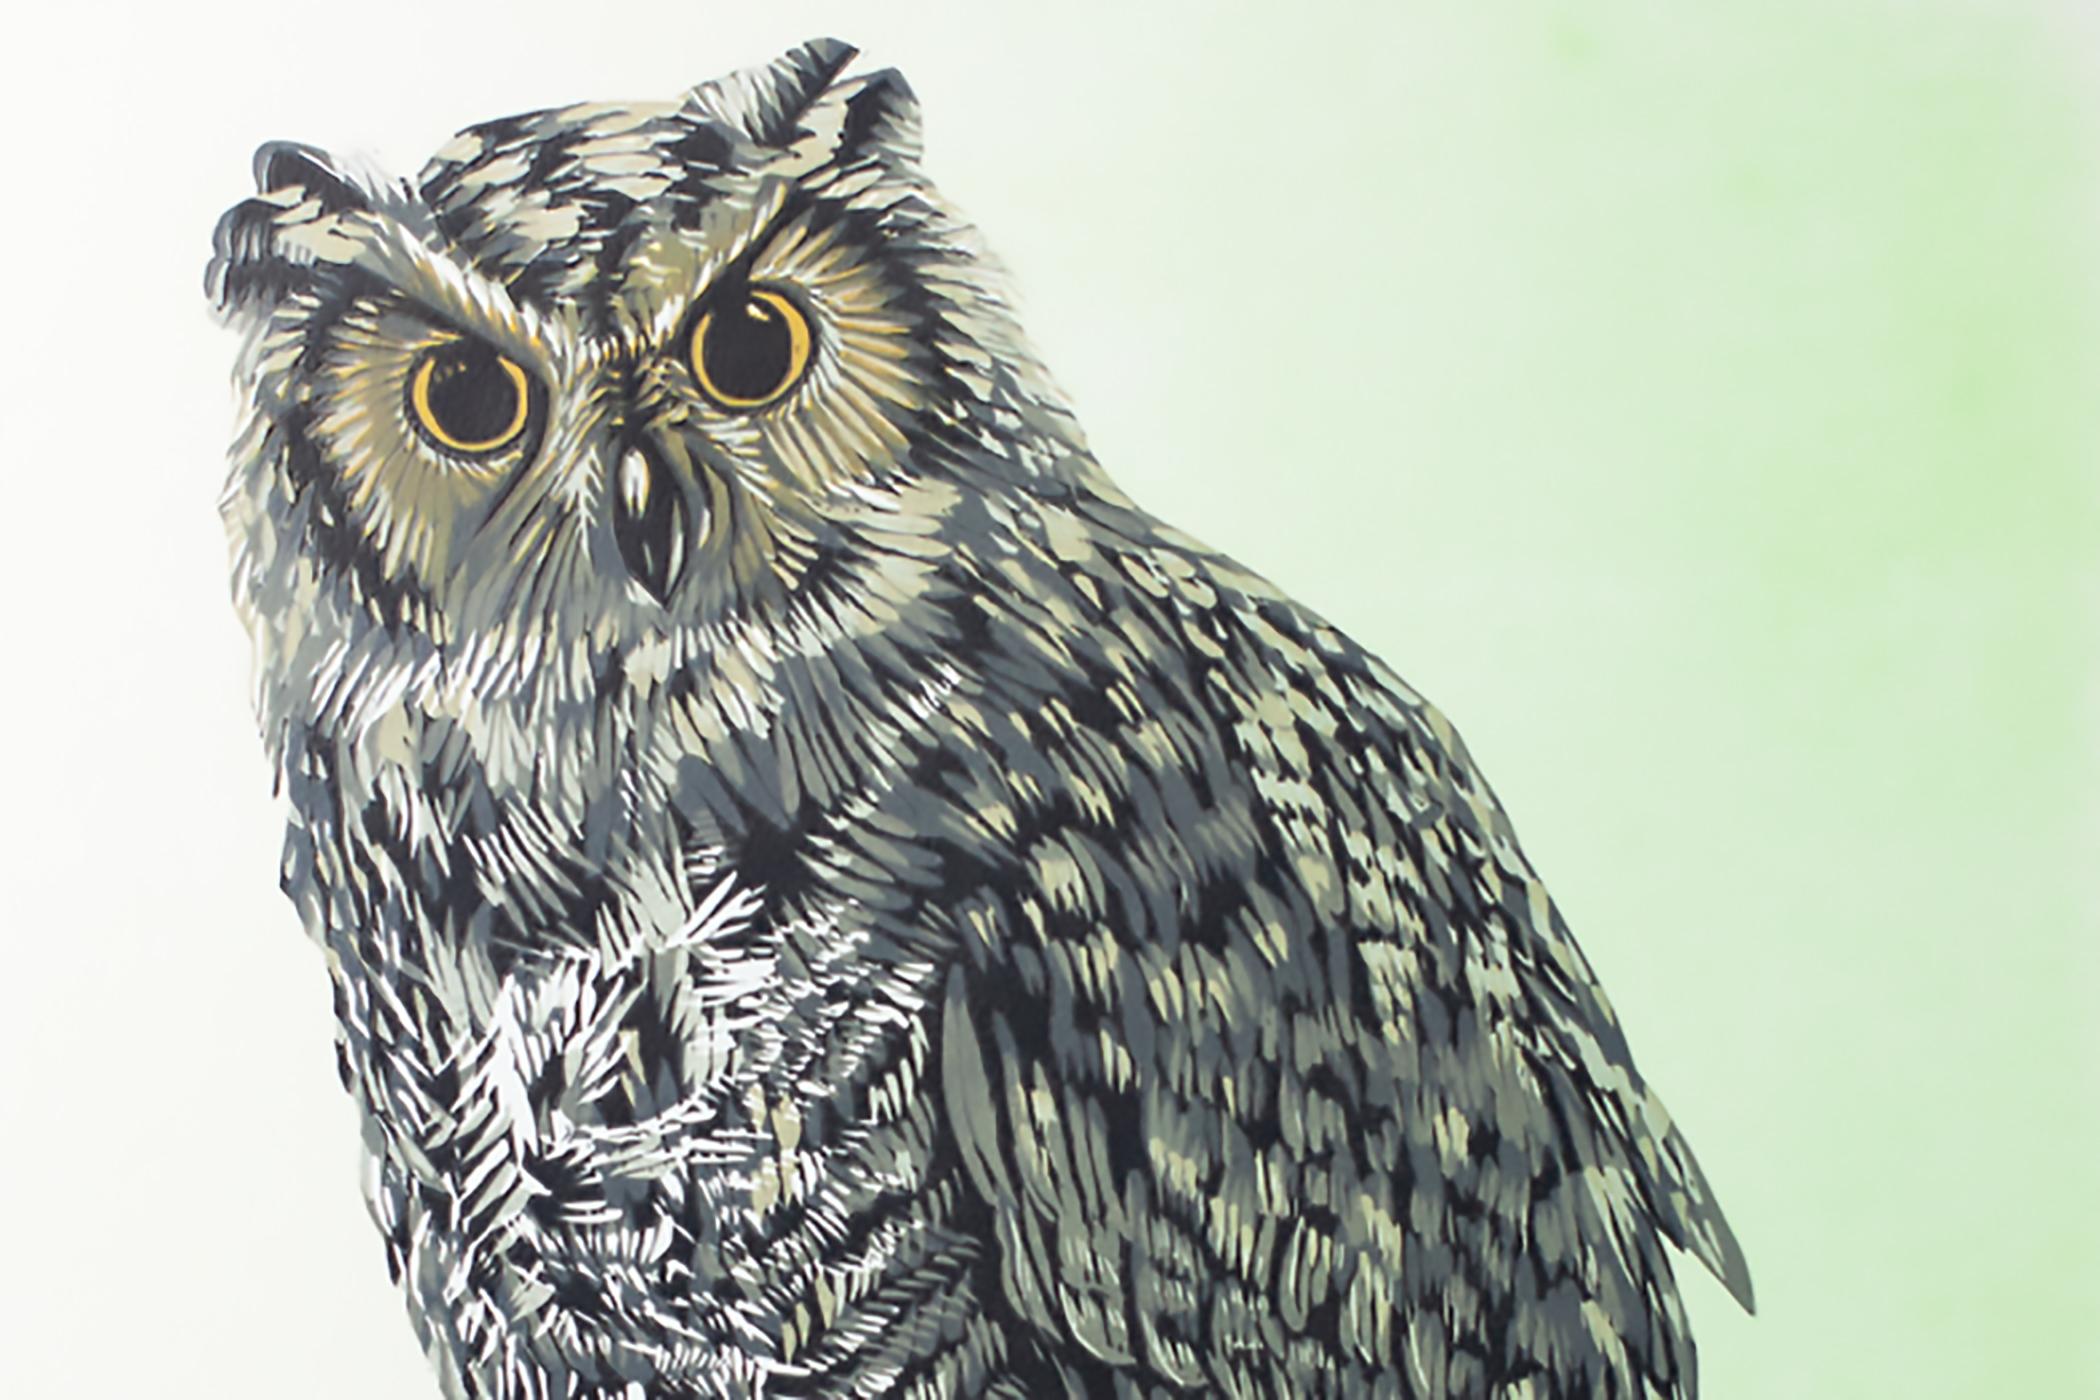 Mary Bruno Reduction Cut owl Linoleum cut